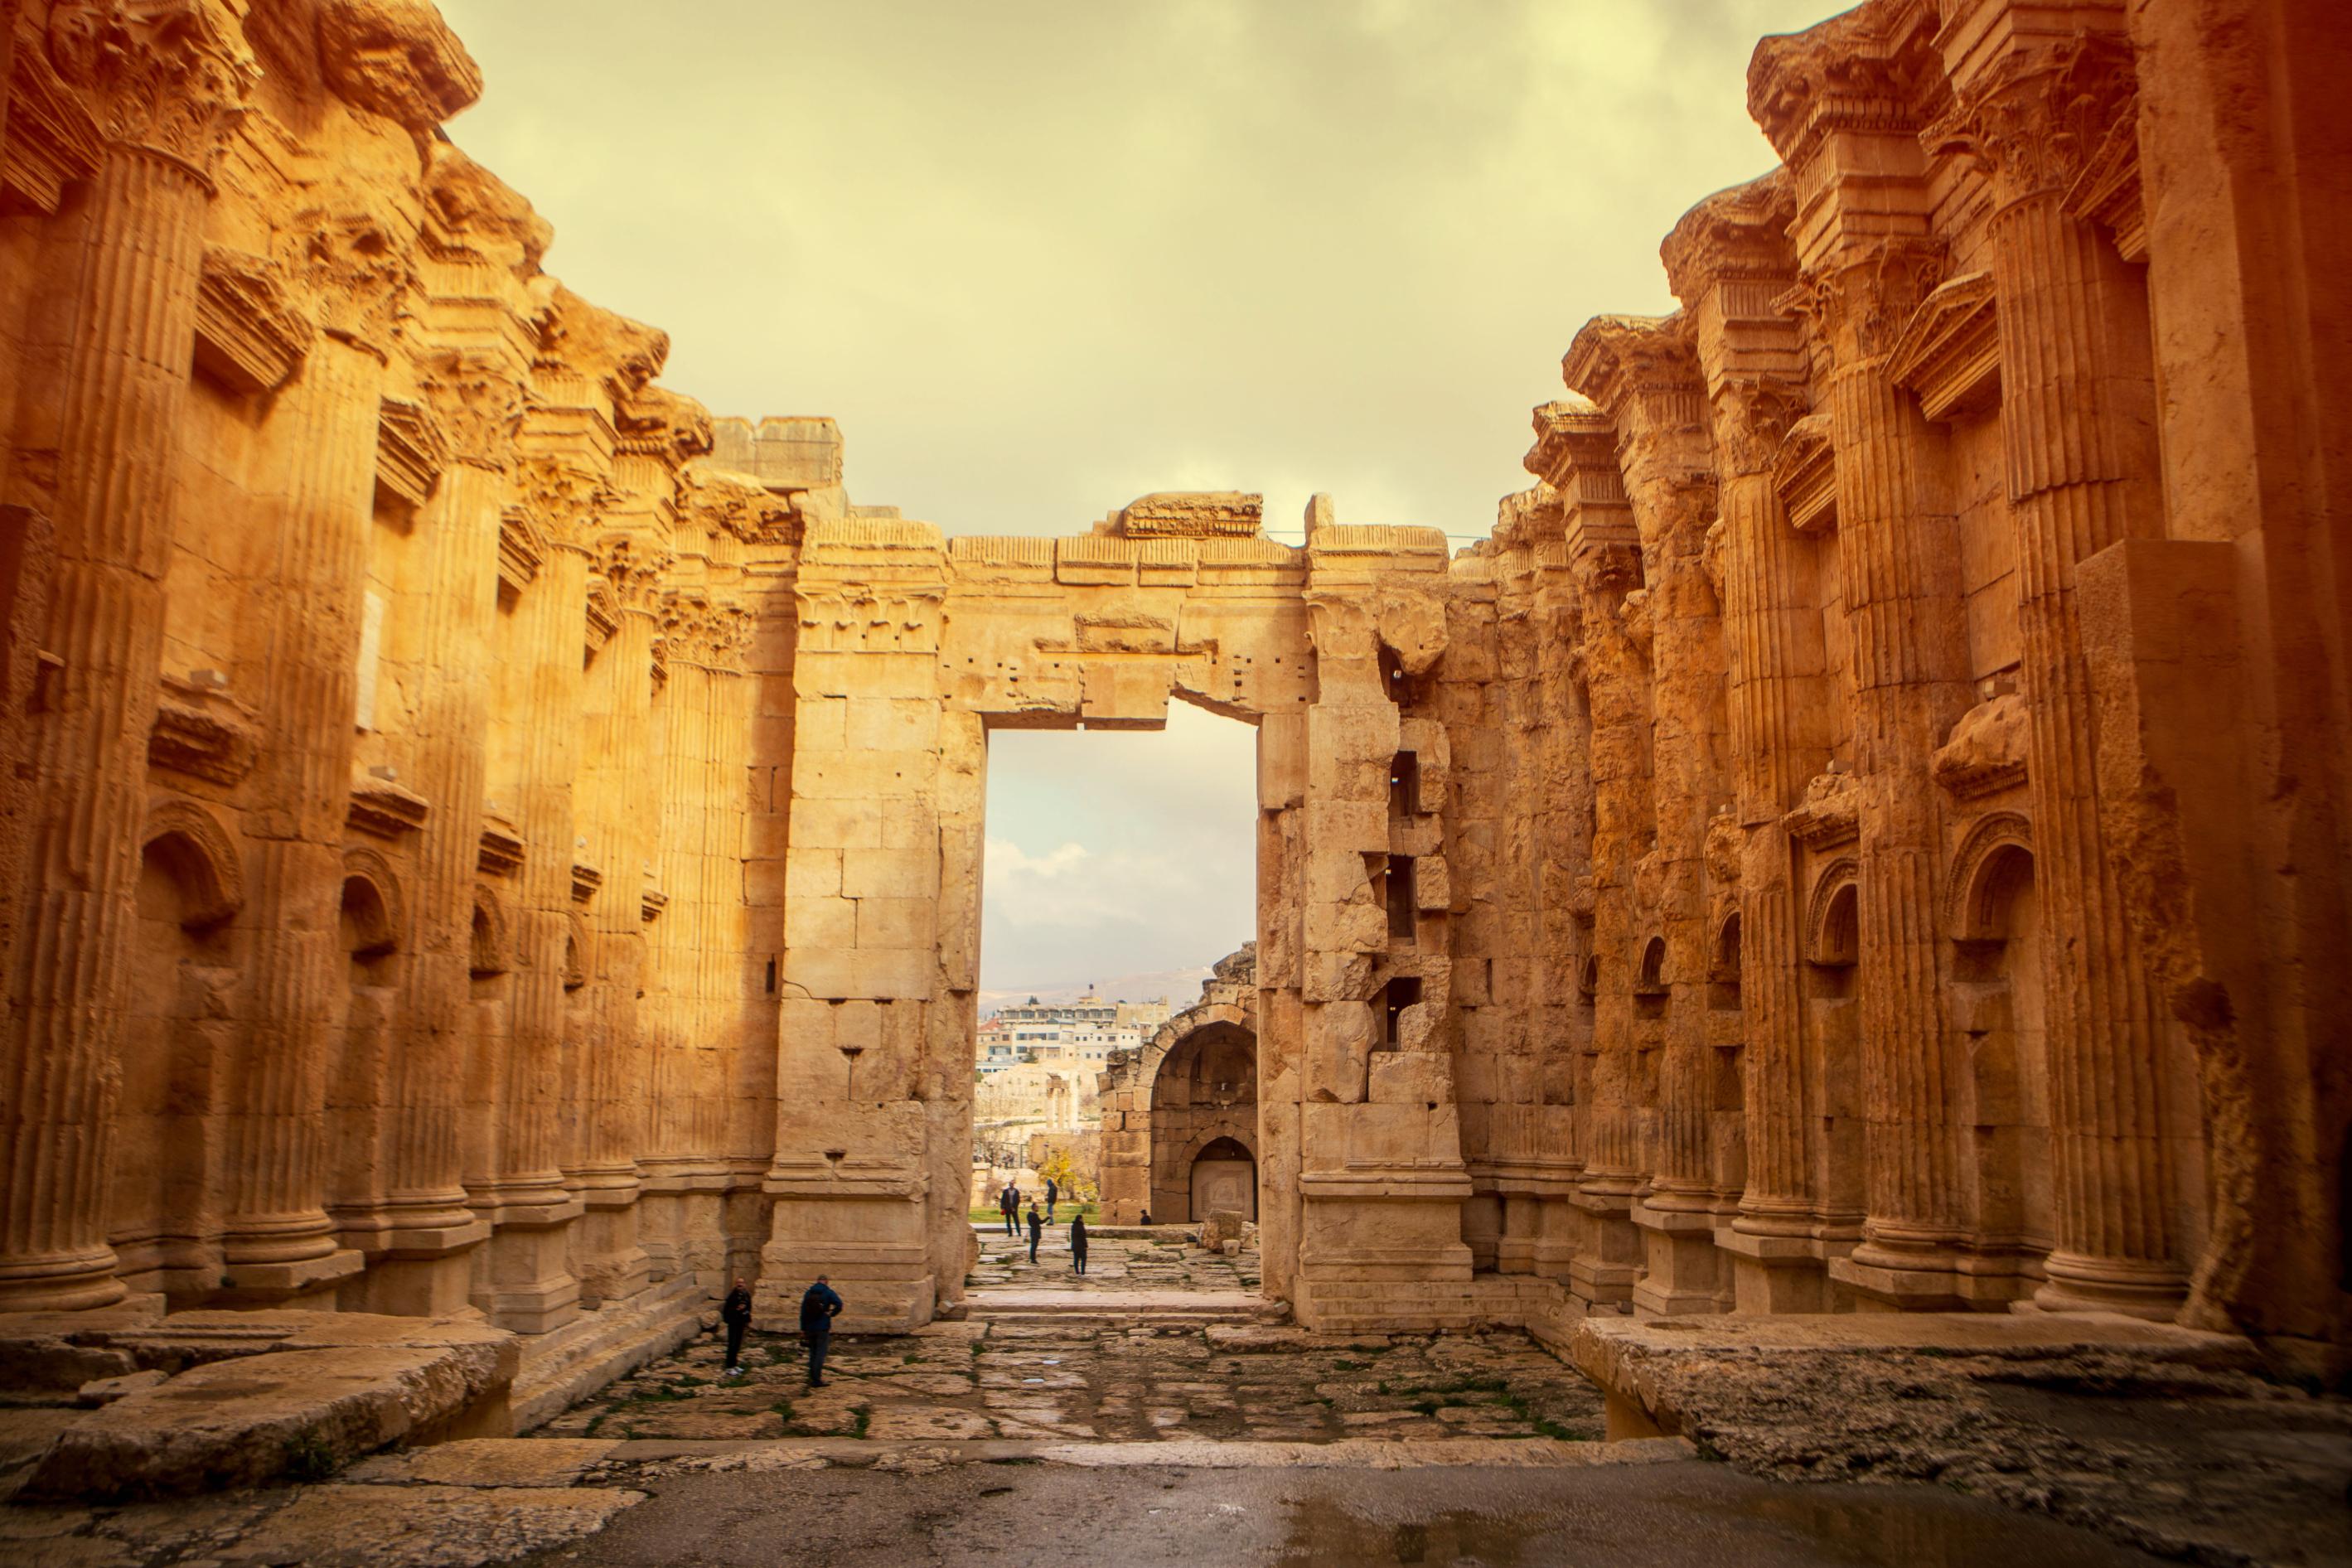 Art Car Museum >> Baalbek Ruins   Baalbek, Lebanon Attractions - Lonely Planet